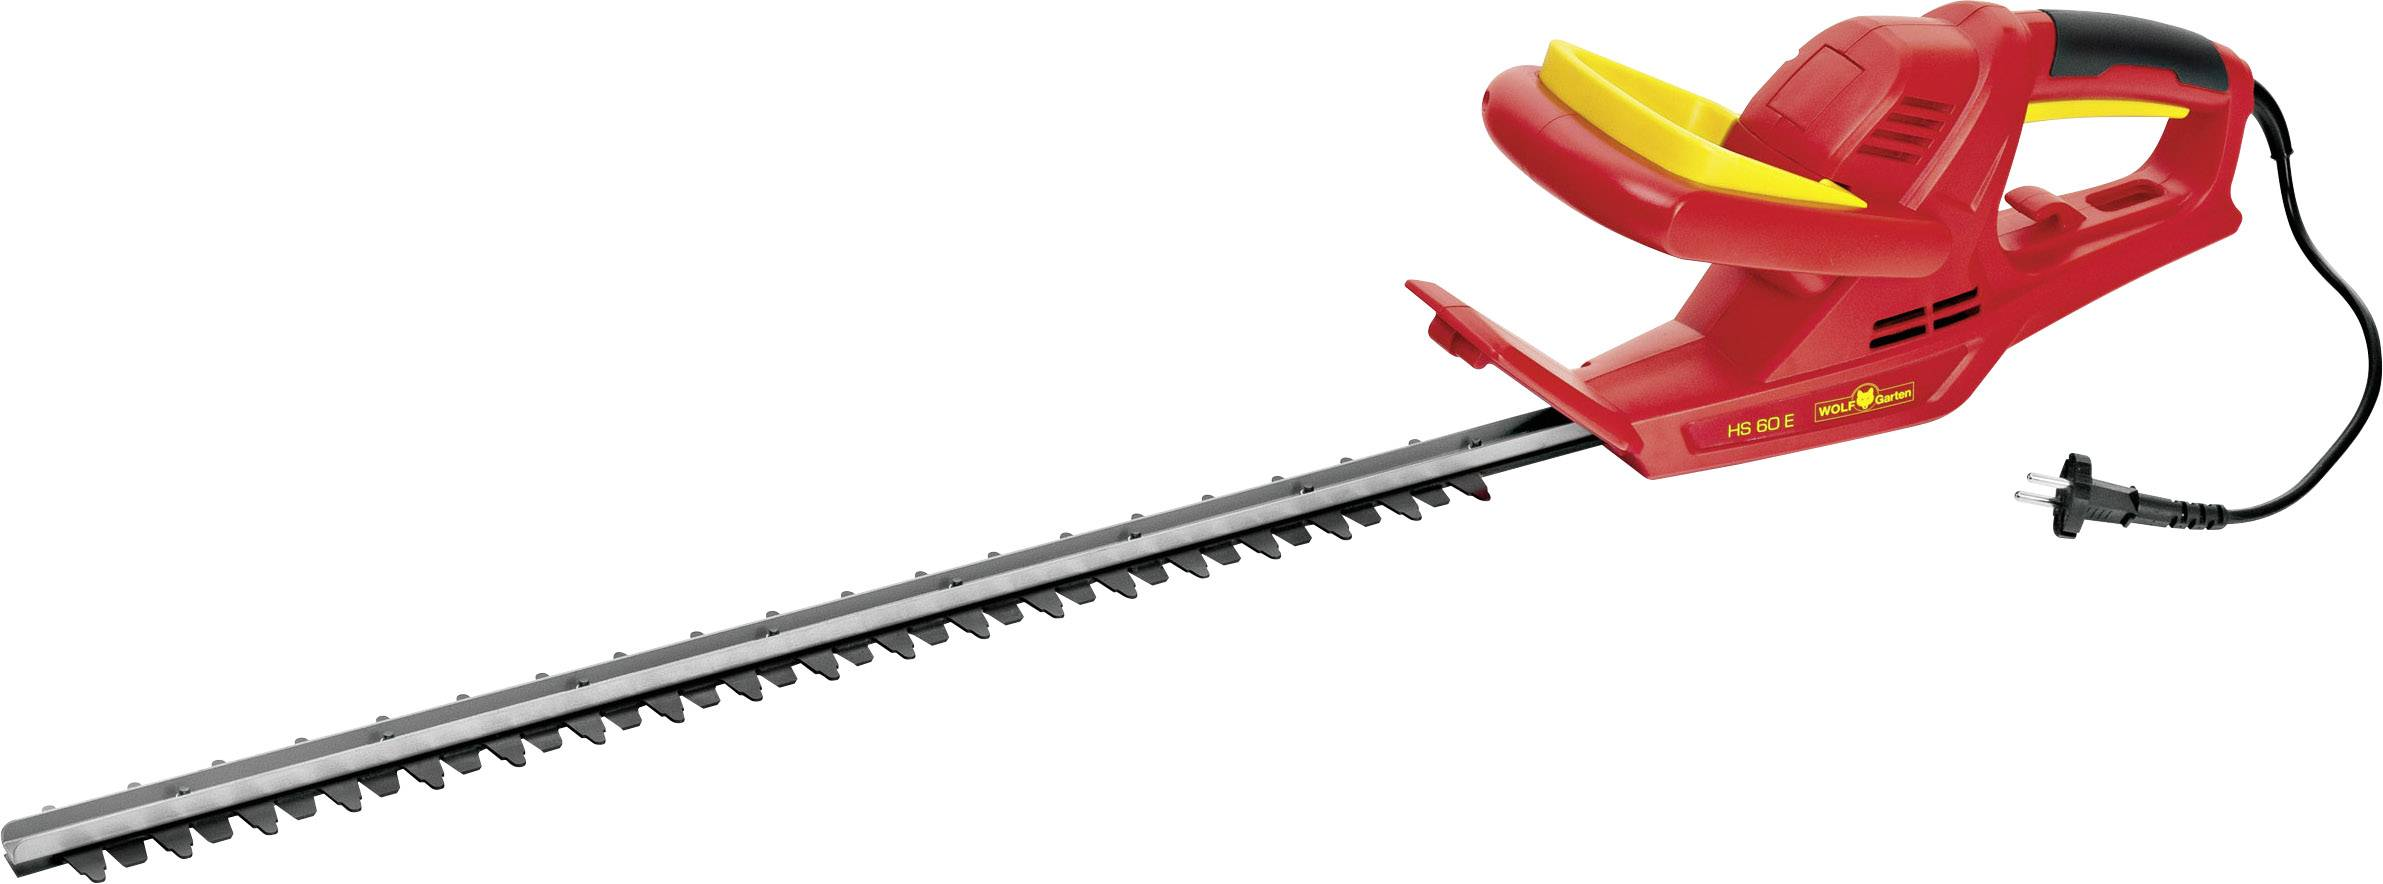 Nůžky na živý plot Wolf Garten HS 60 E 41AF0EE5650